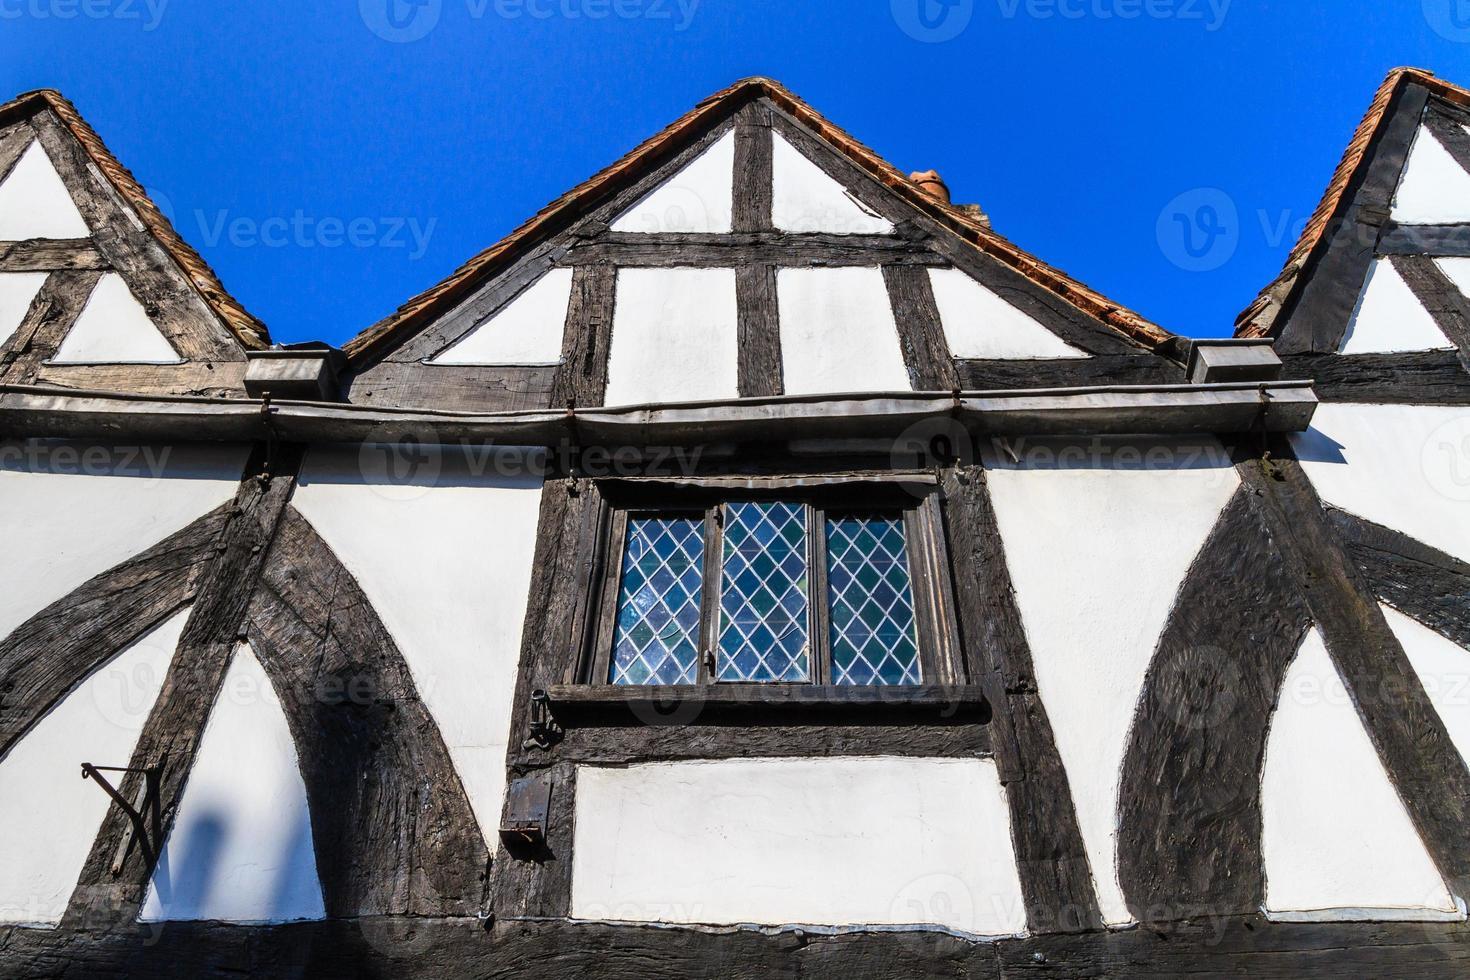 houten frame gevel foto